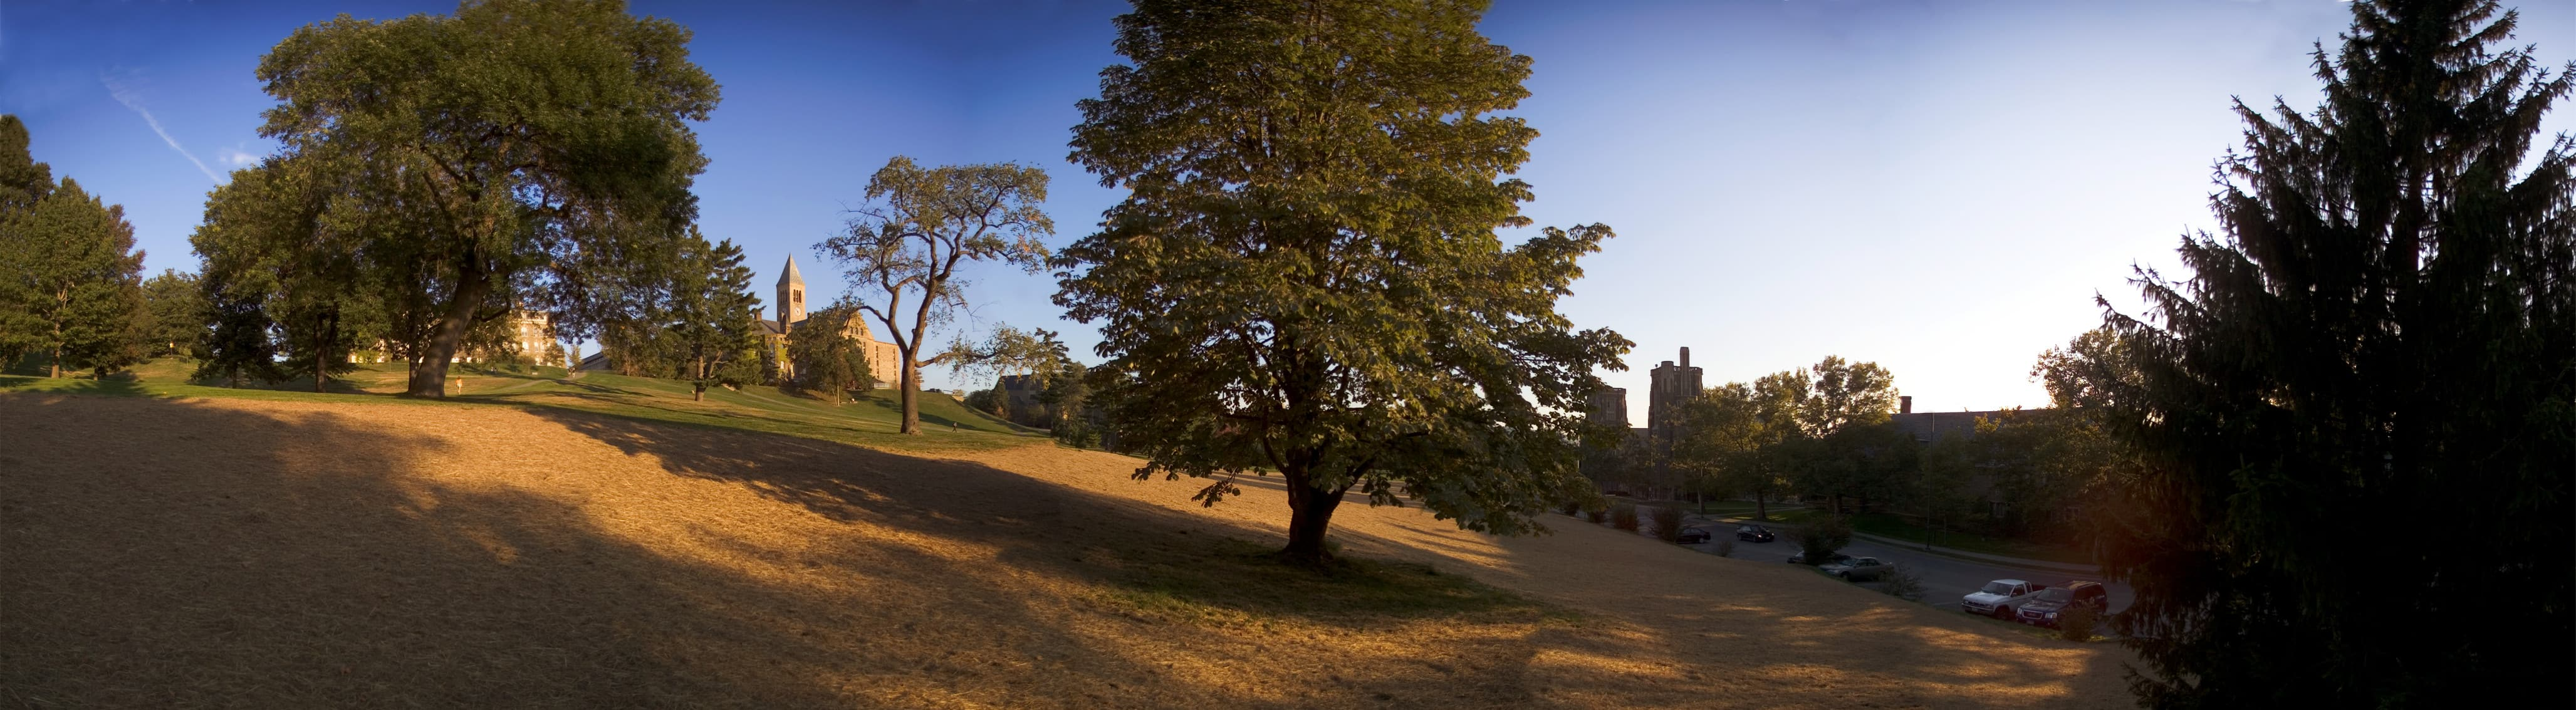 Cornell landscape